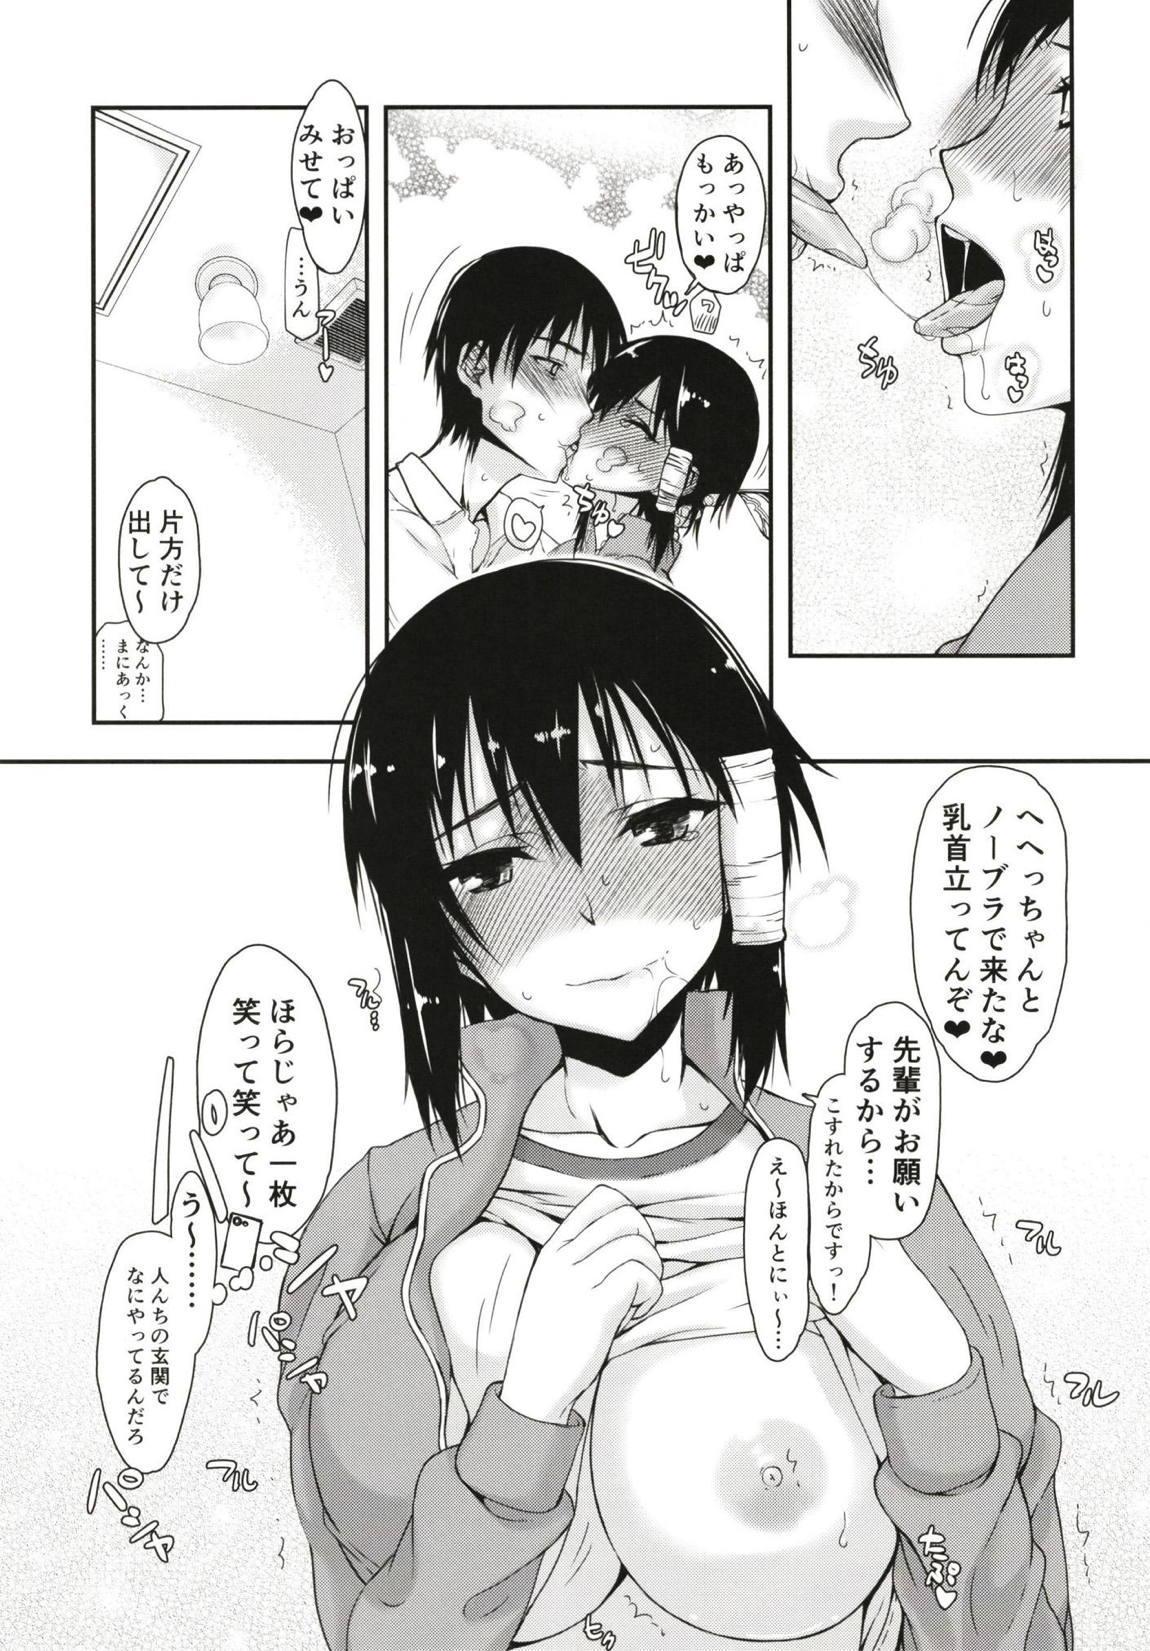 Komori-san no Kotowarikata 03 5